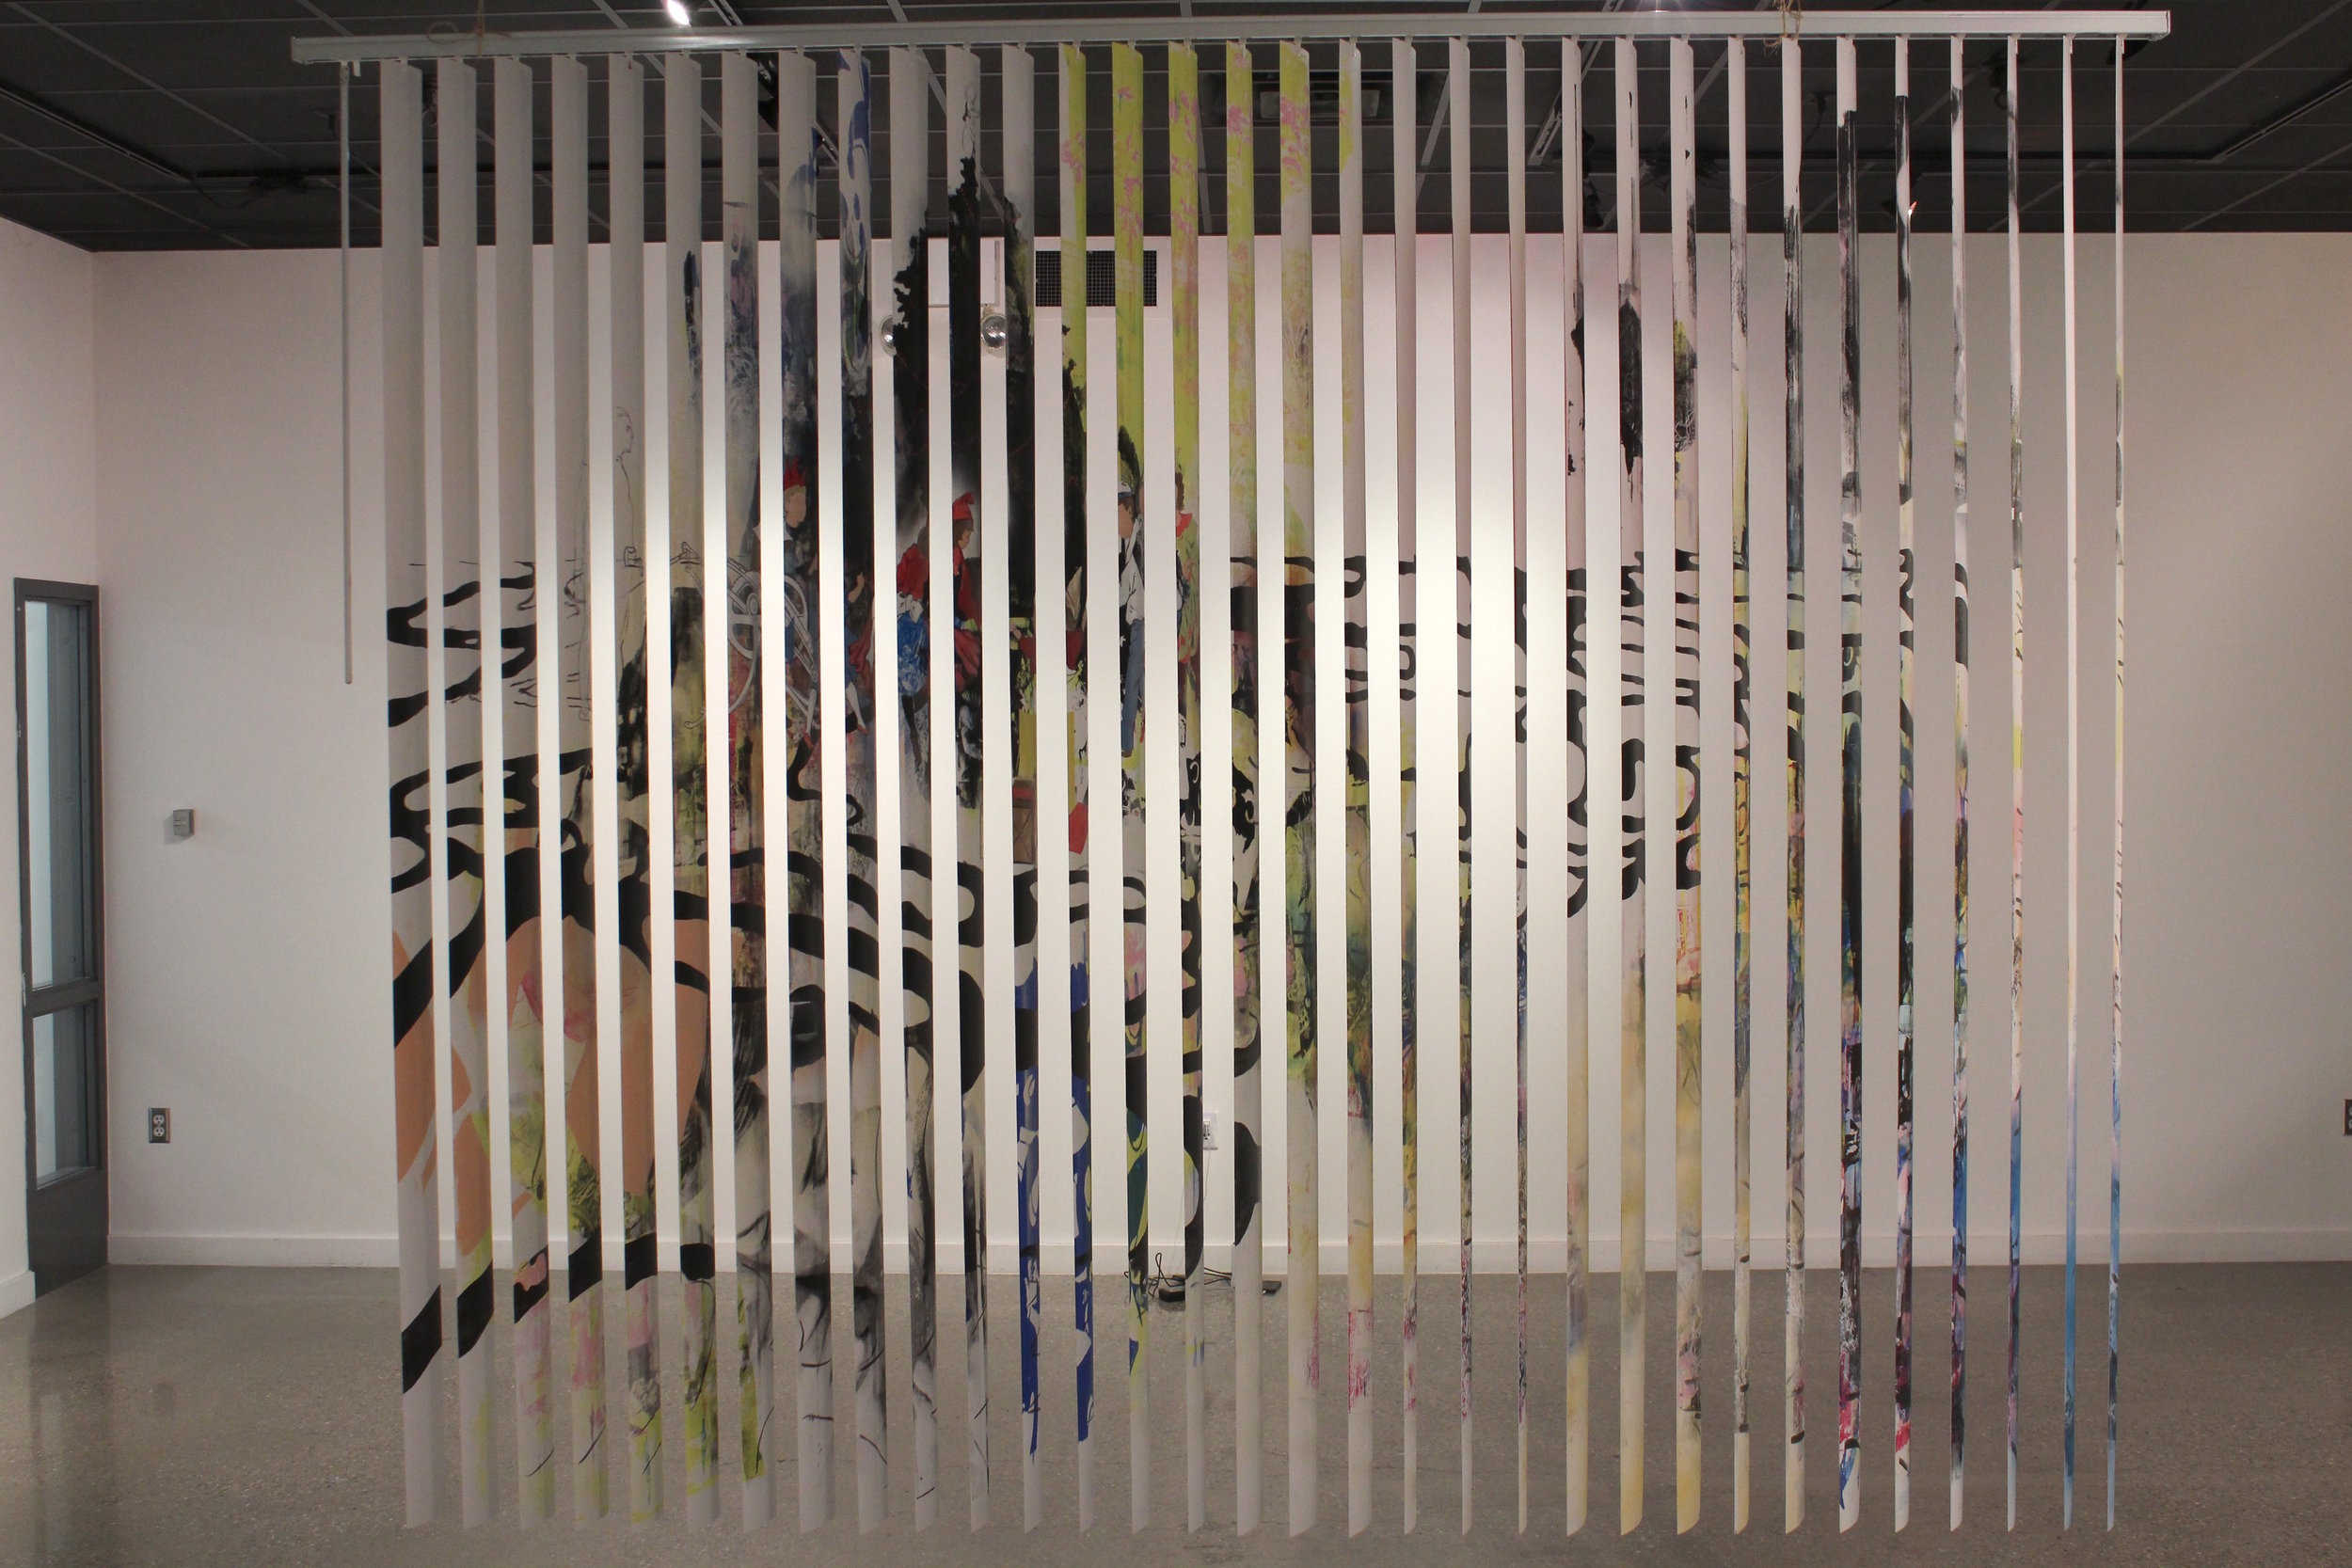 blinds hlaf open.jpg